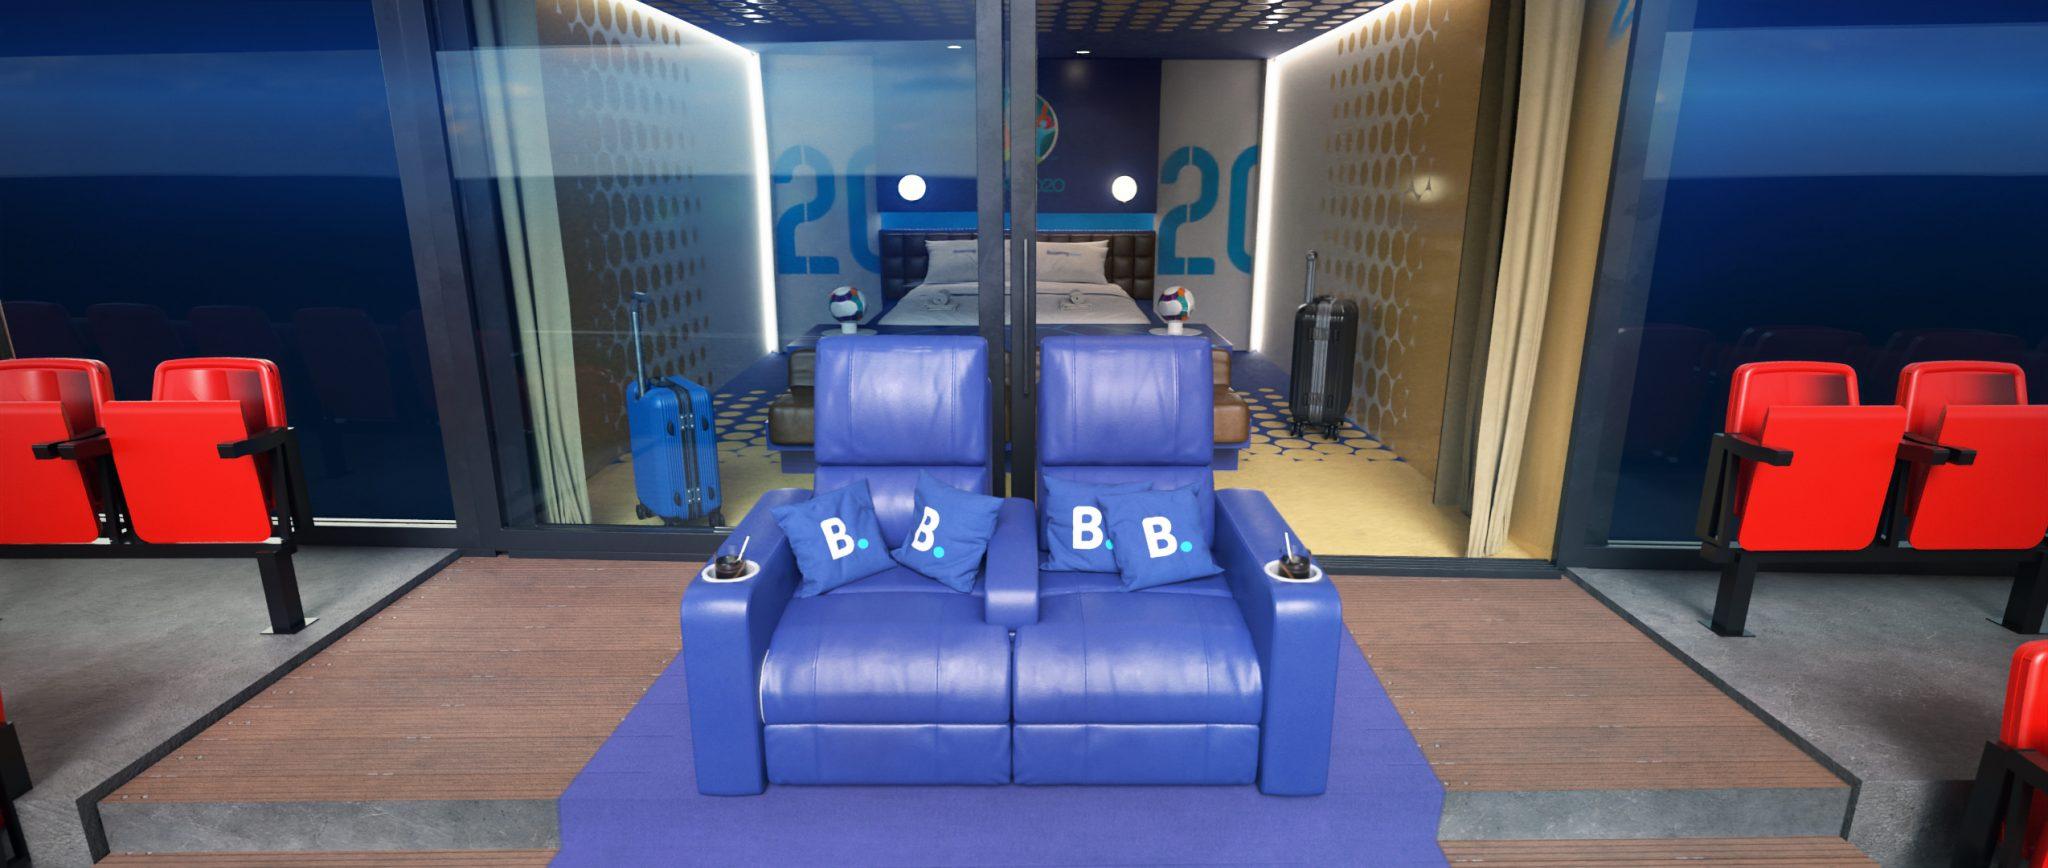 Booking.com Stadium Suite - Outdoor Seating